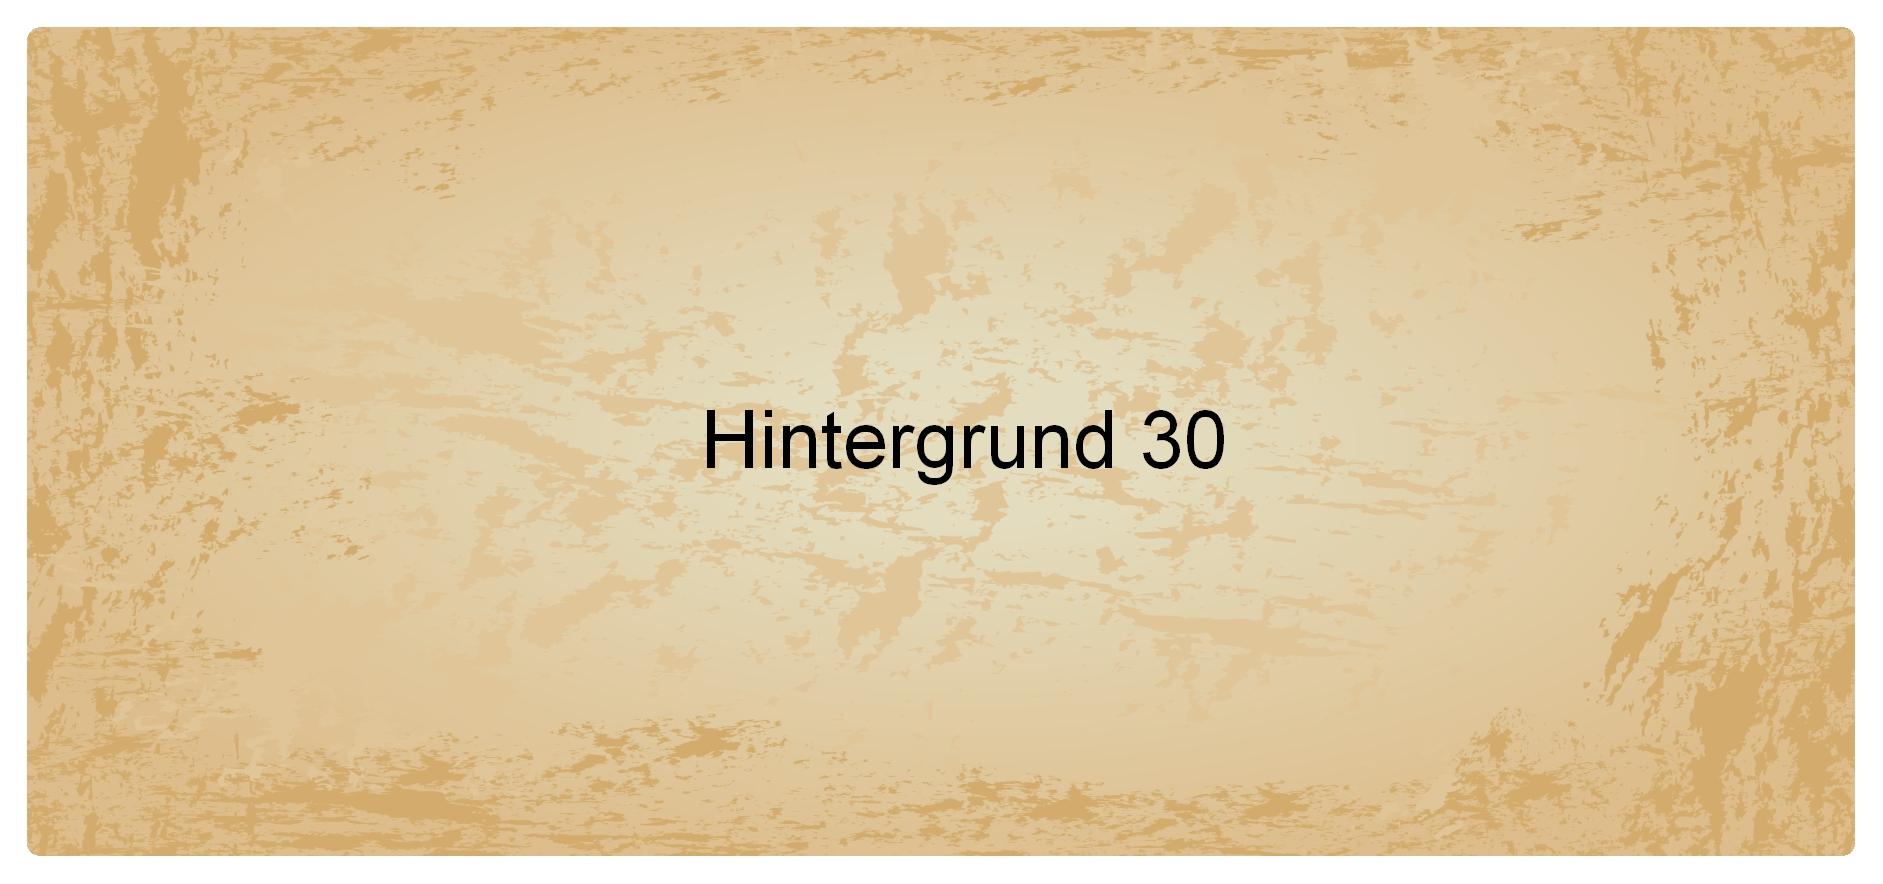 Hintergrund 30